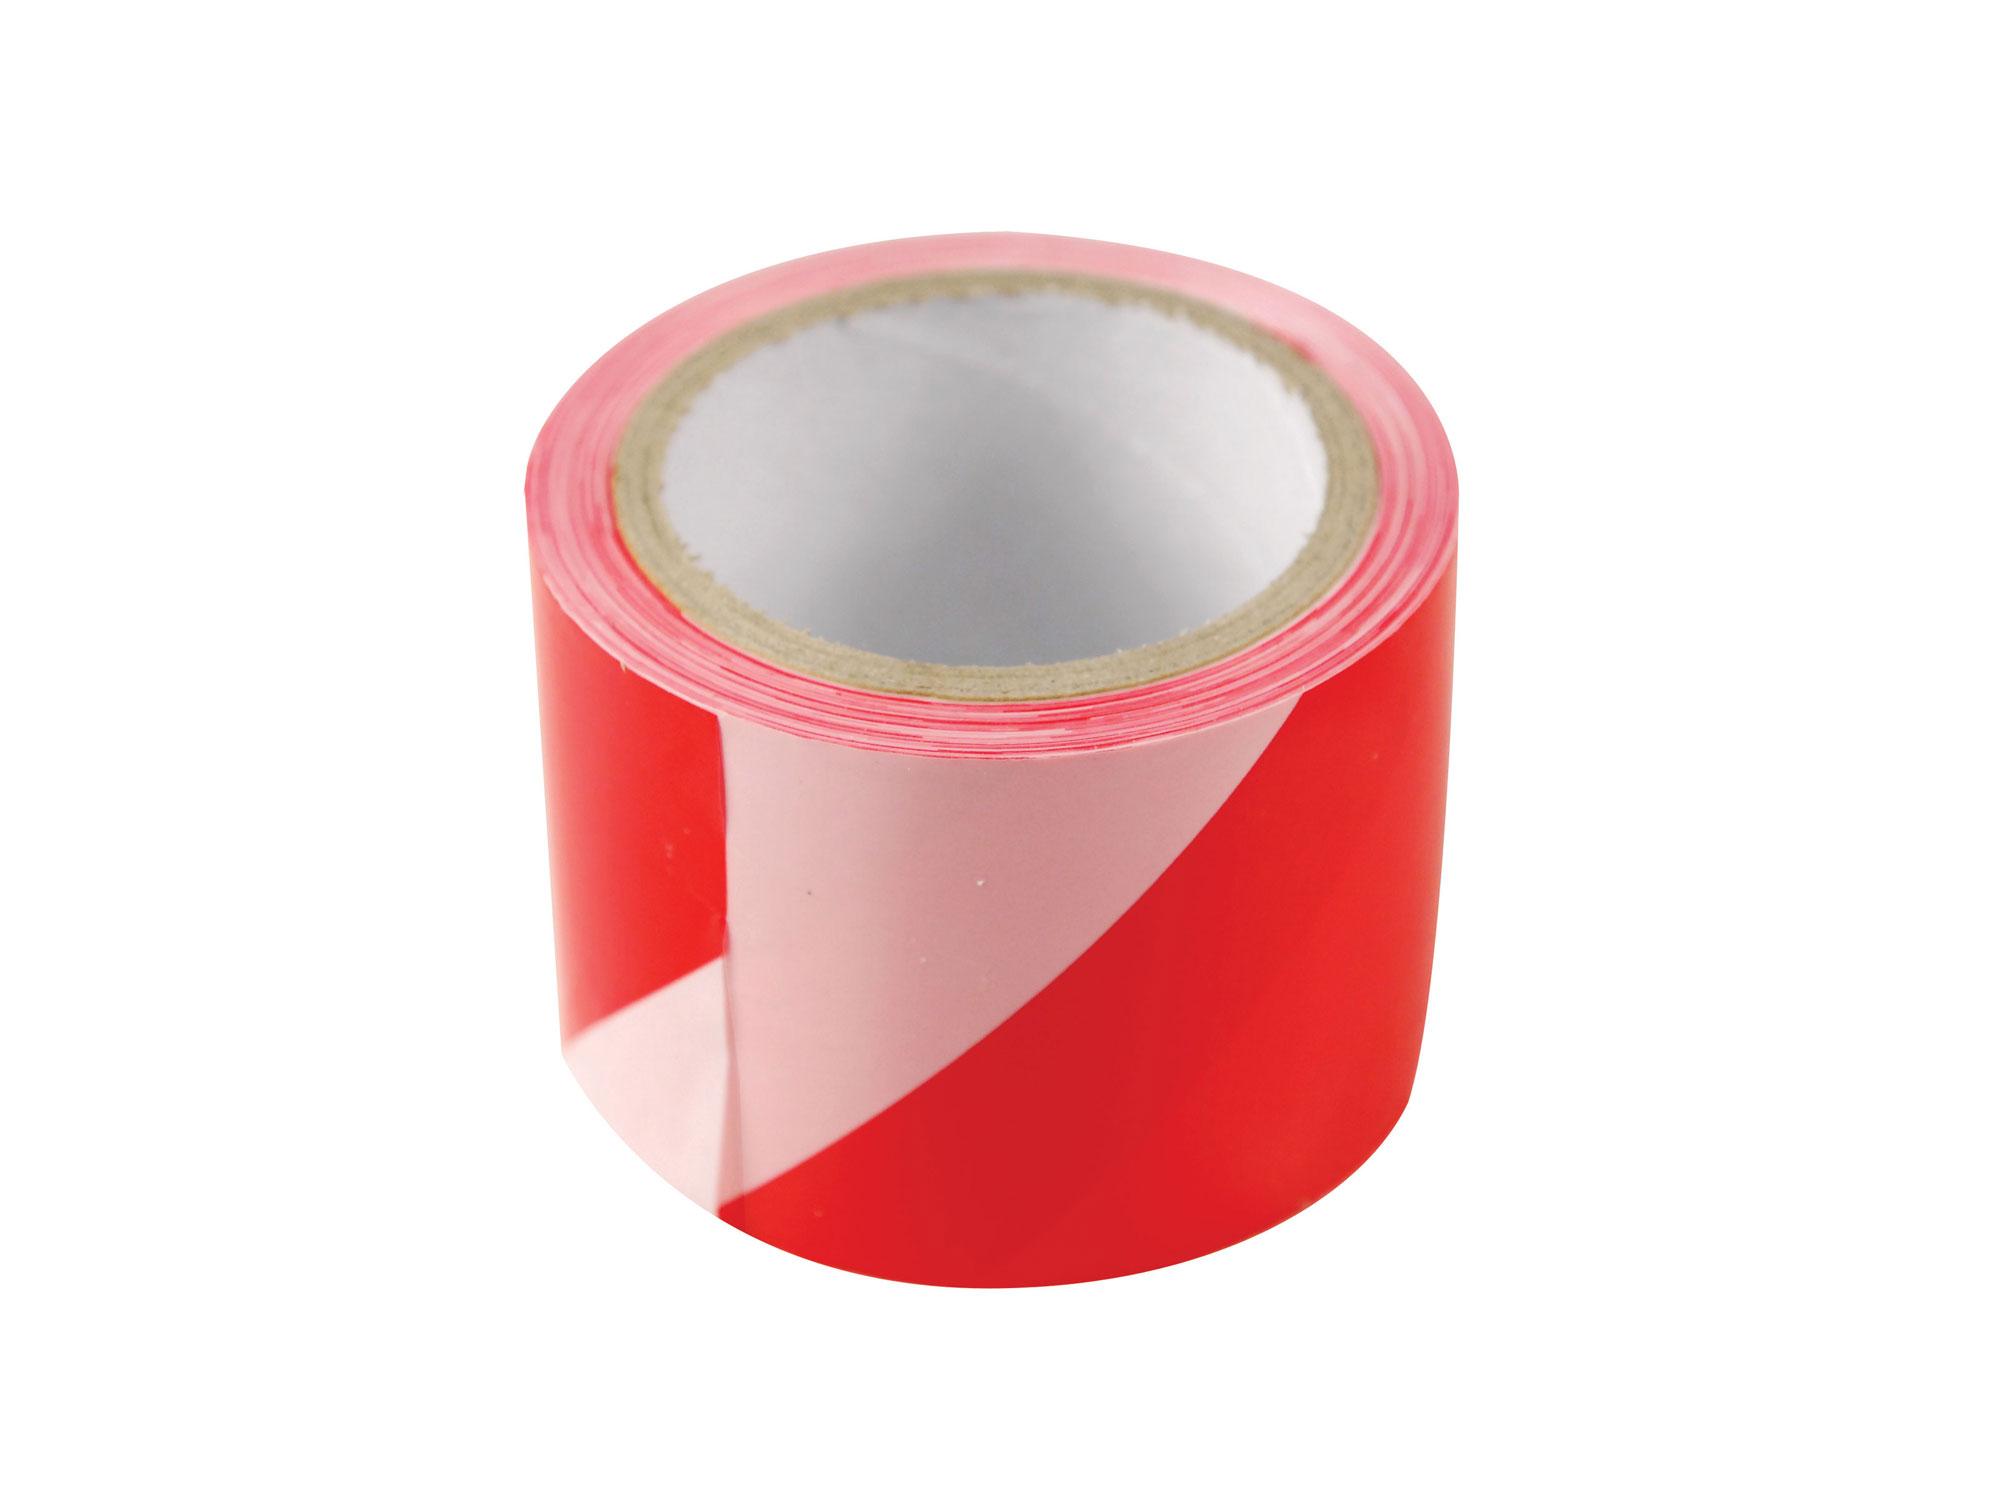 Páska výstražná červeno-bílá, 75mm x 250m, PE, s nápisem ZÁKAZ VSTUPU po celé délce pásk